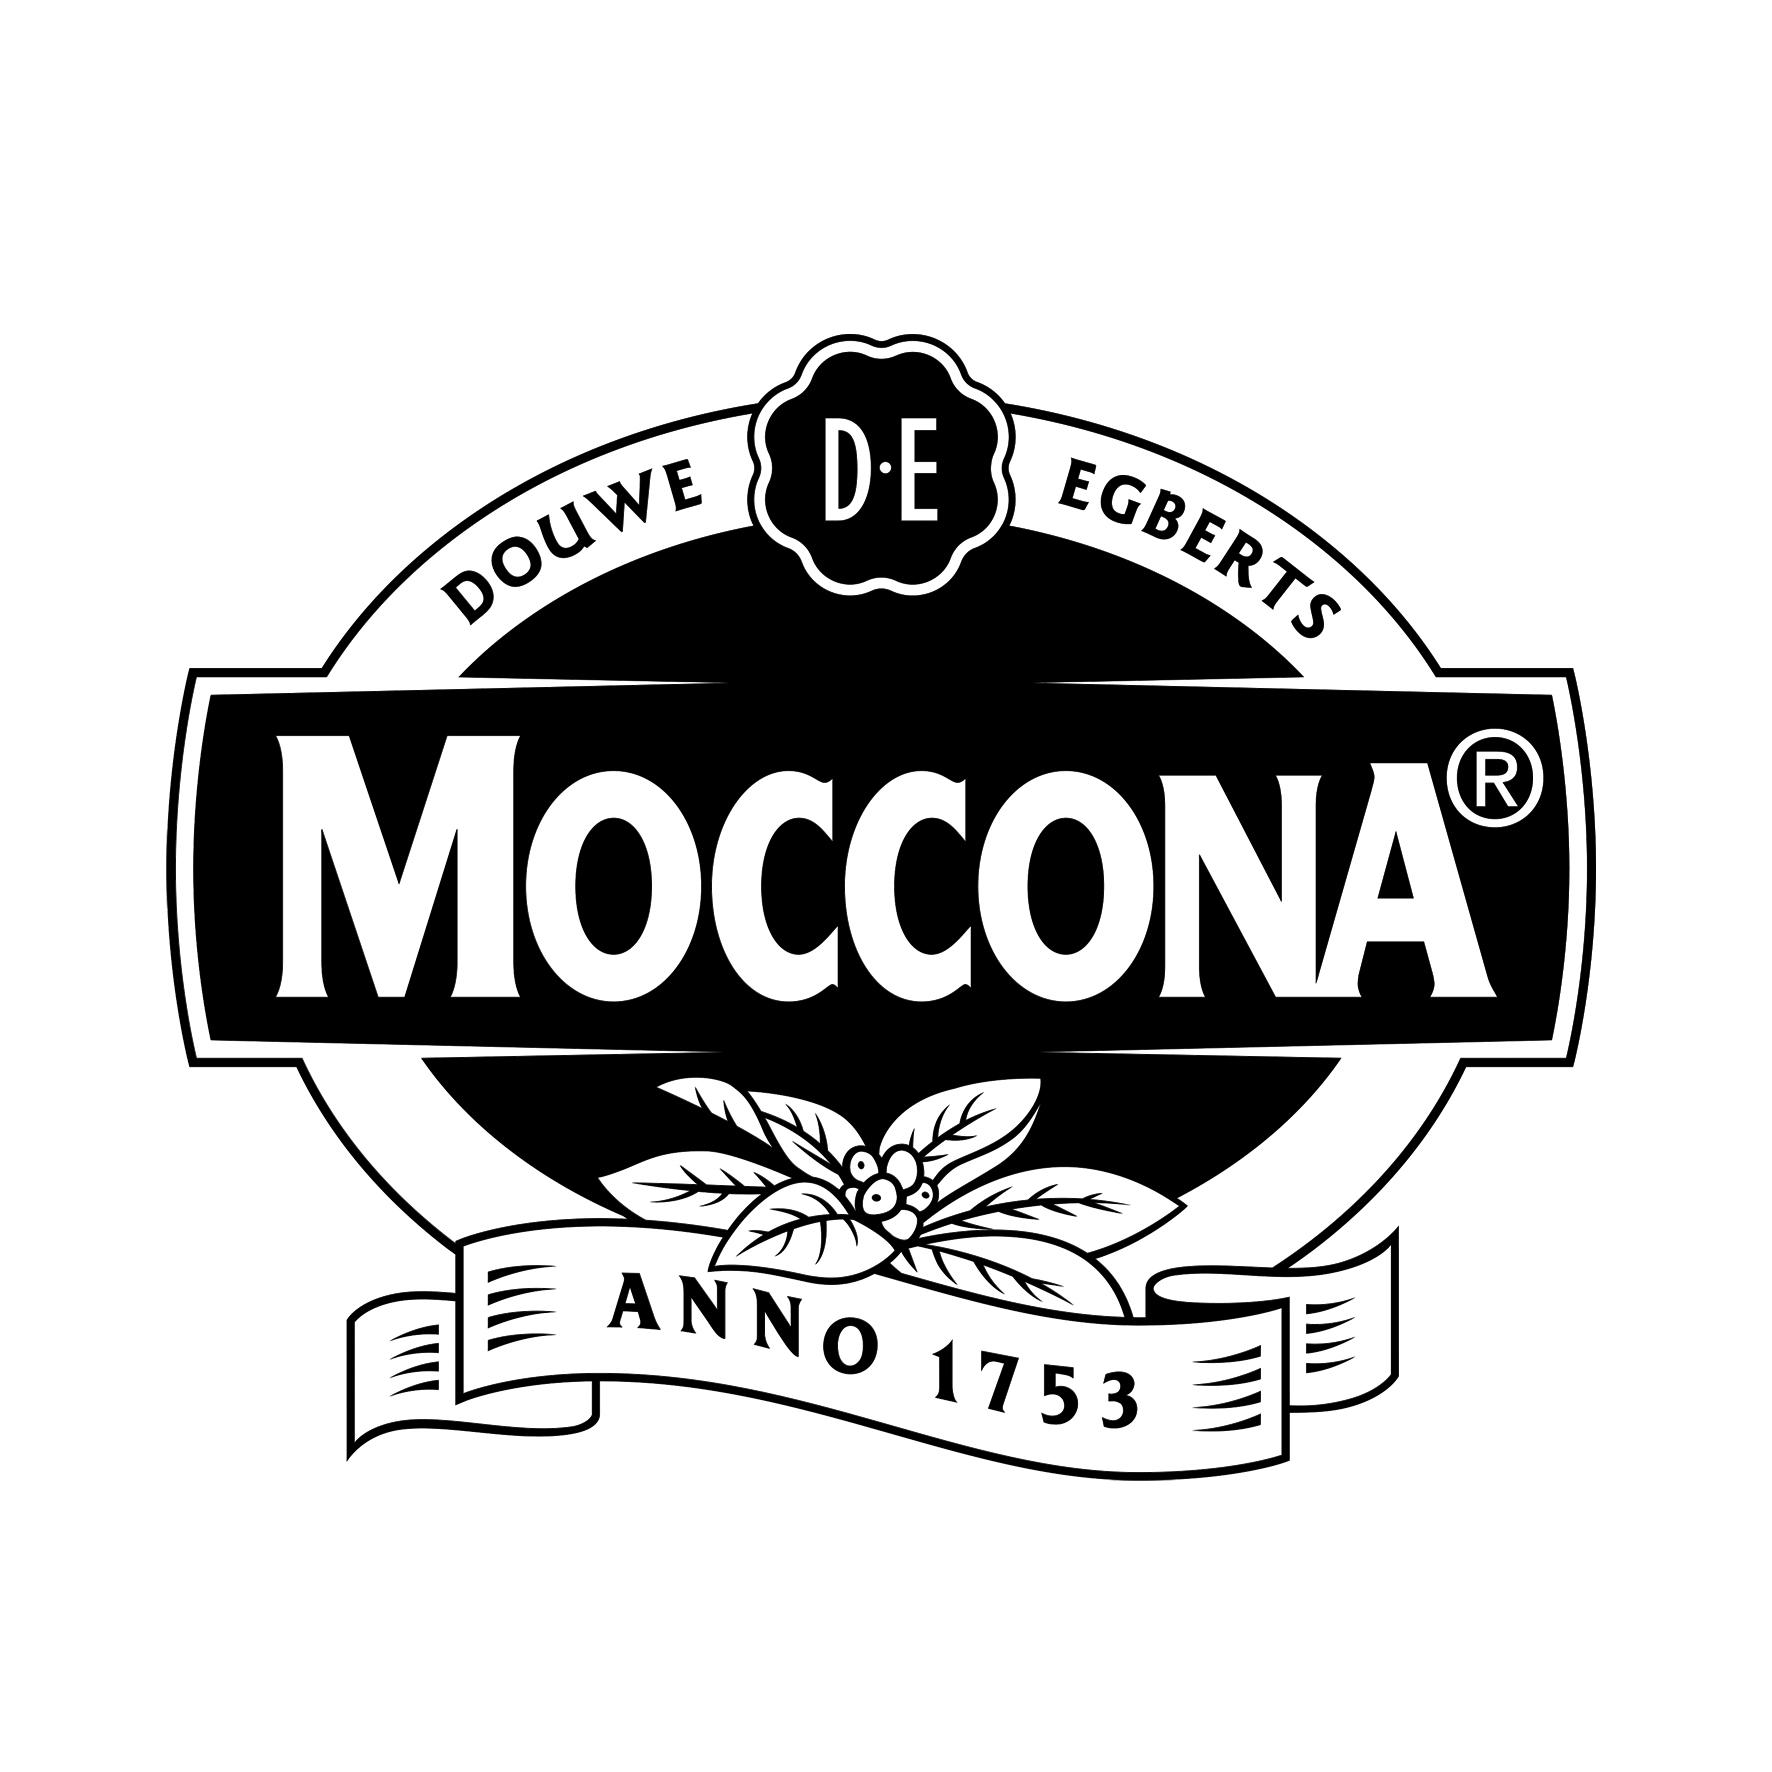 Douwe Egberts_Moccona logo Black_150dpi_RGB.jpg